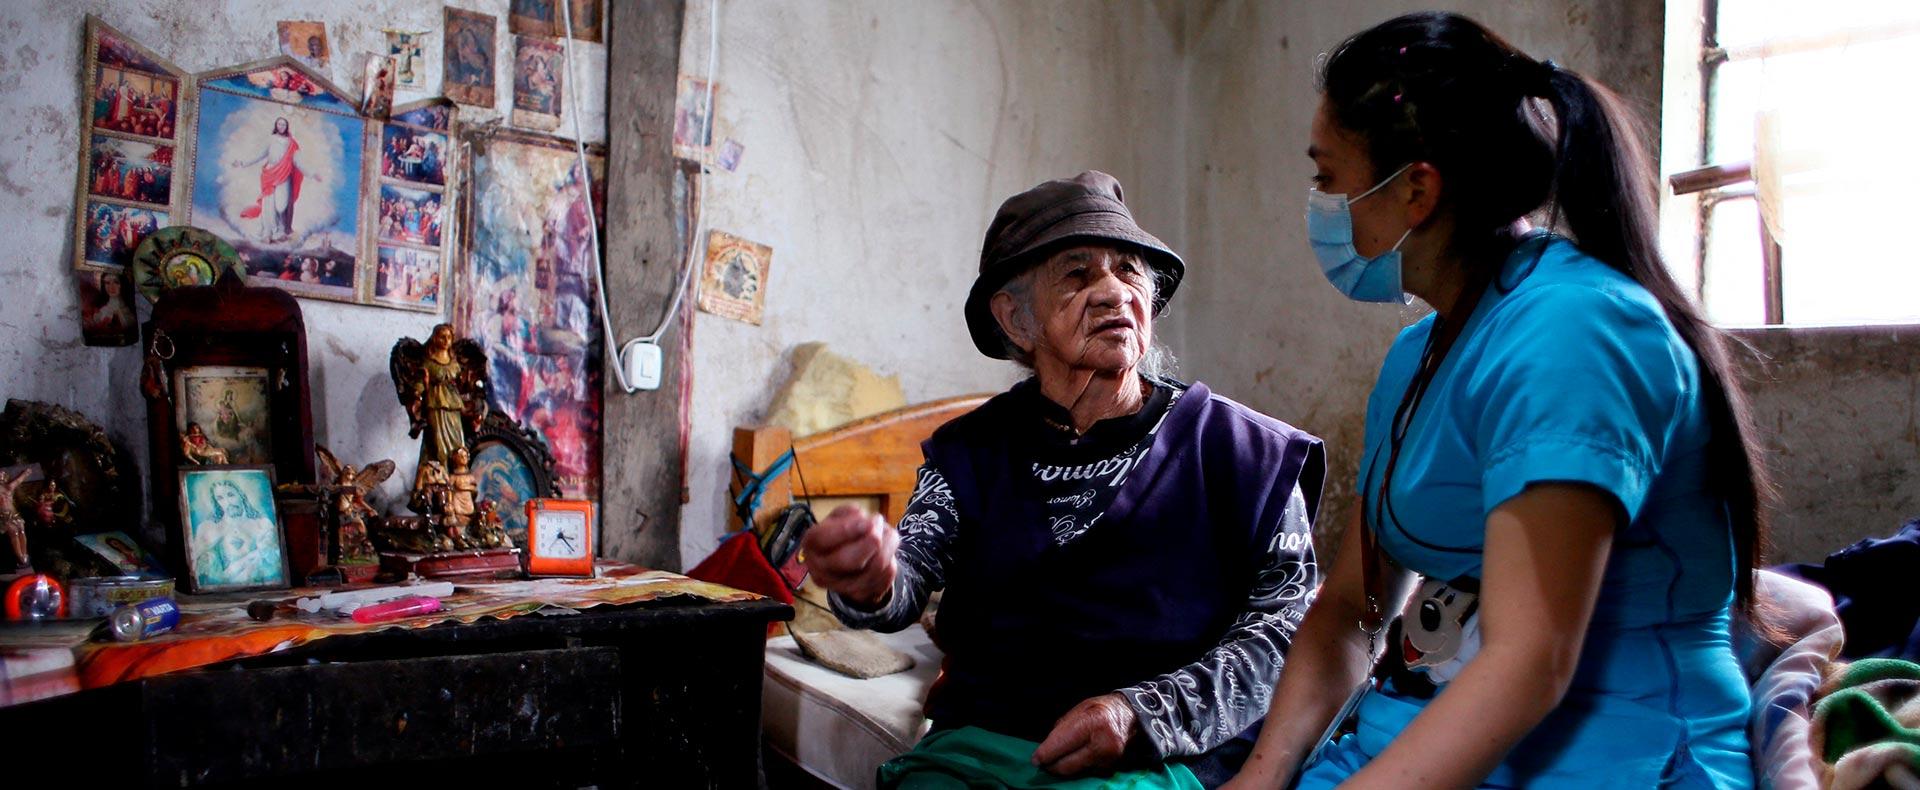 Mujer campesina es atendida en su casa por una médica.